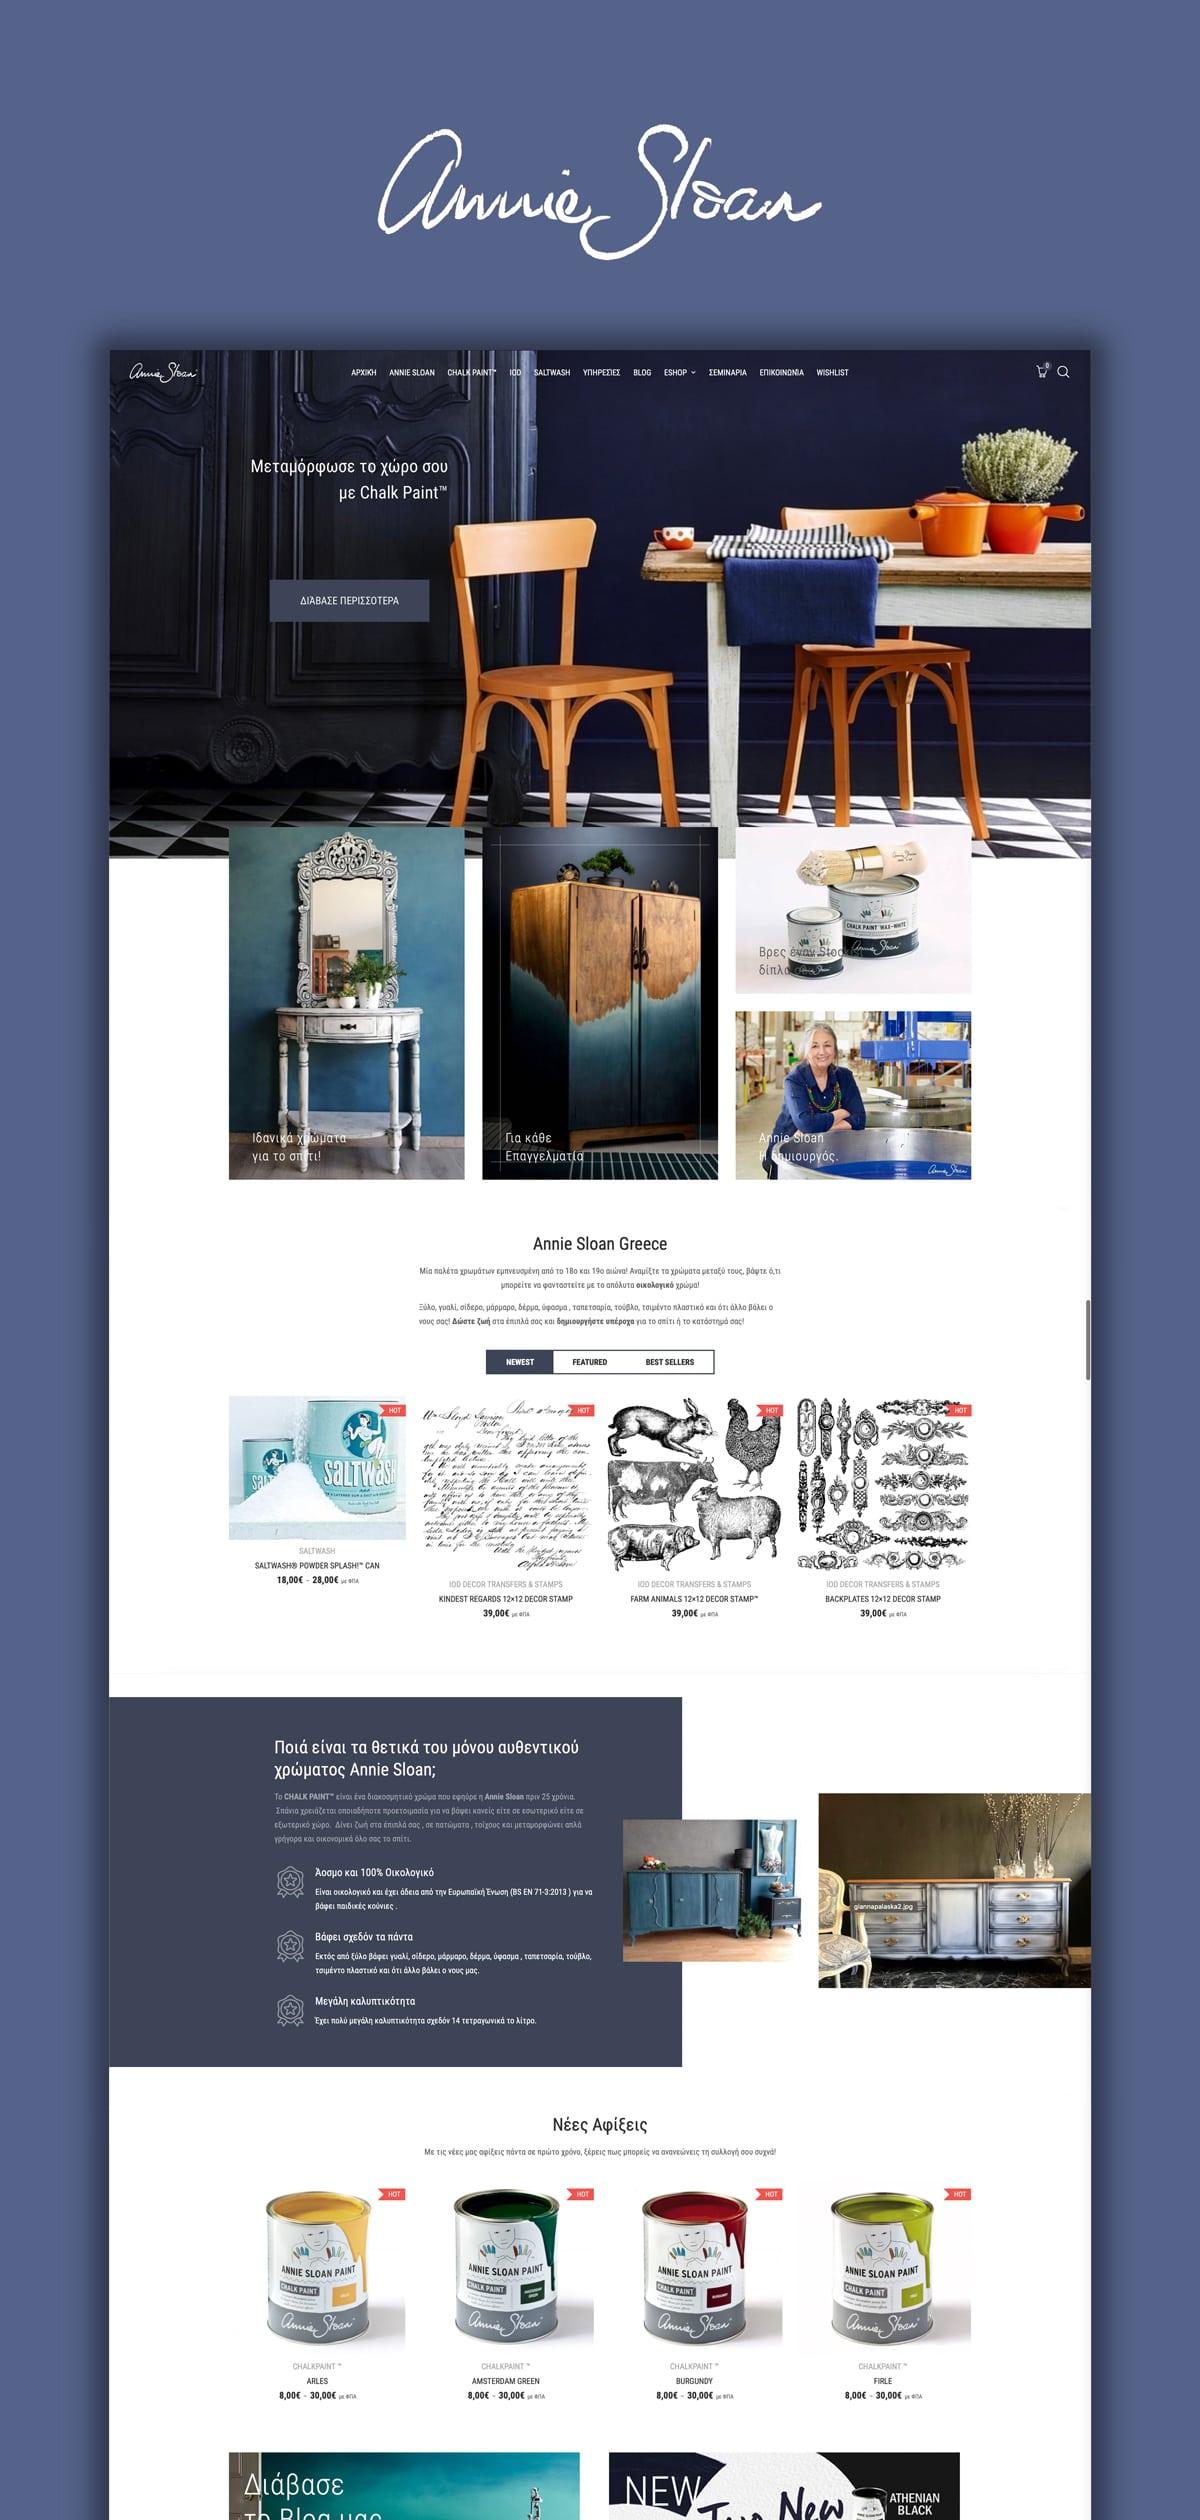 Νέο ηλεκτρονικό κατάστημα για την Annie Sloan Greece από το Dizzy Agency 3